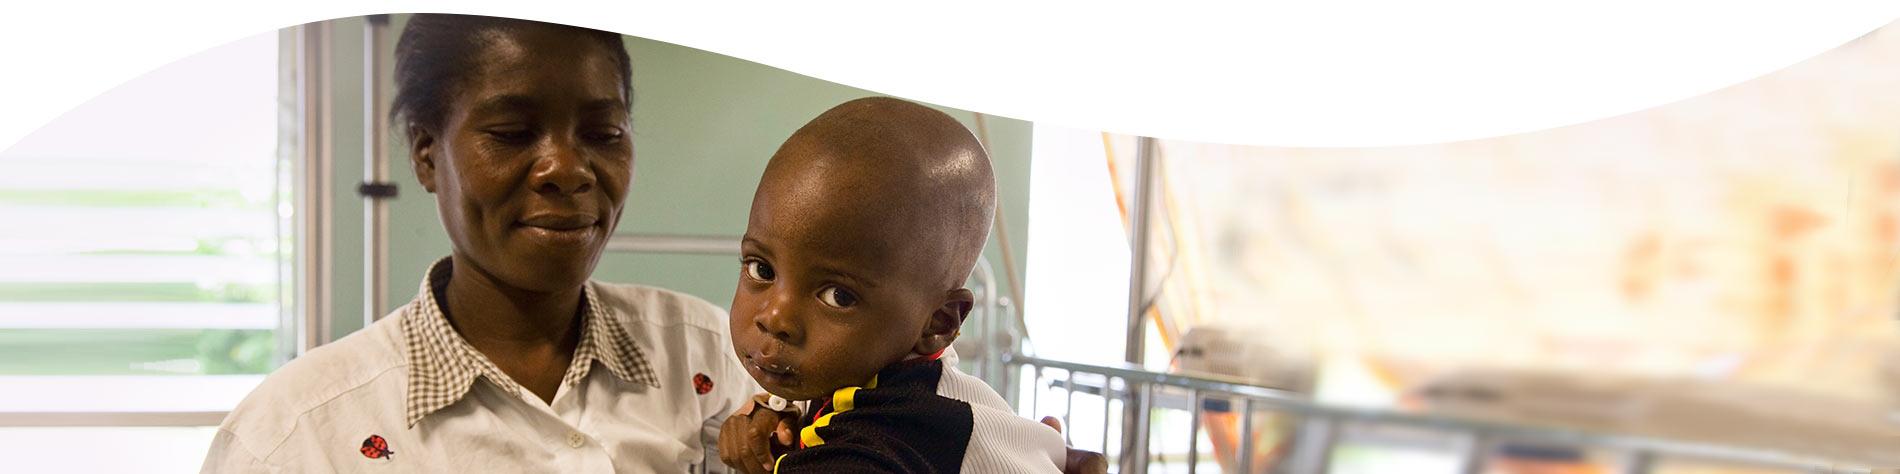 NPH Haiti Kinderkrankenhaus